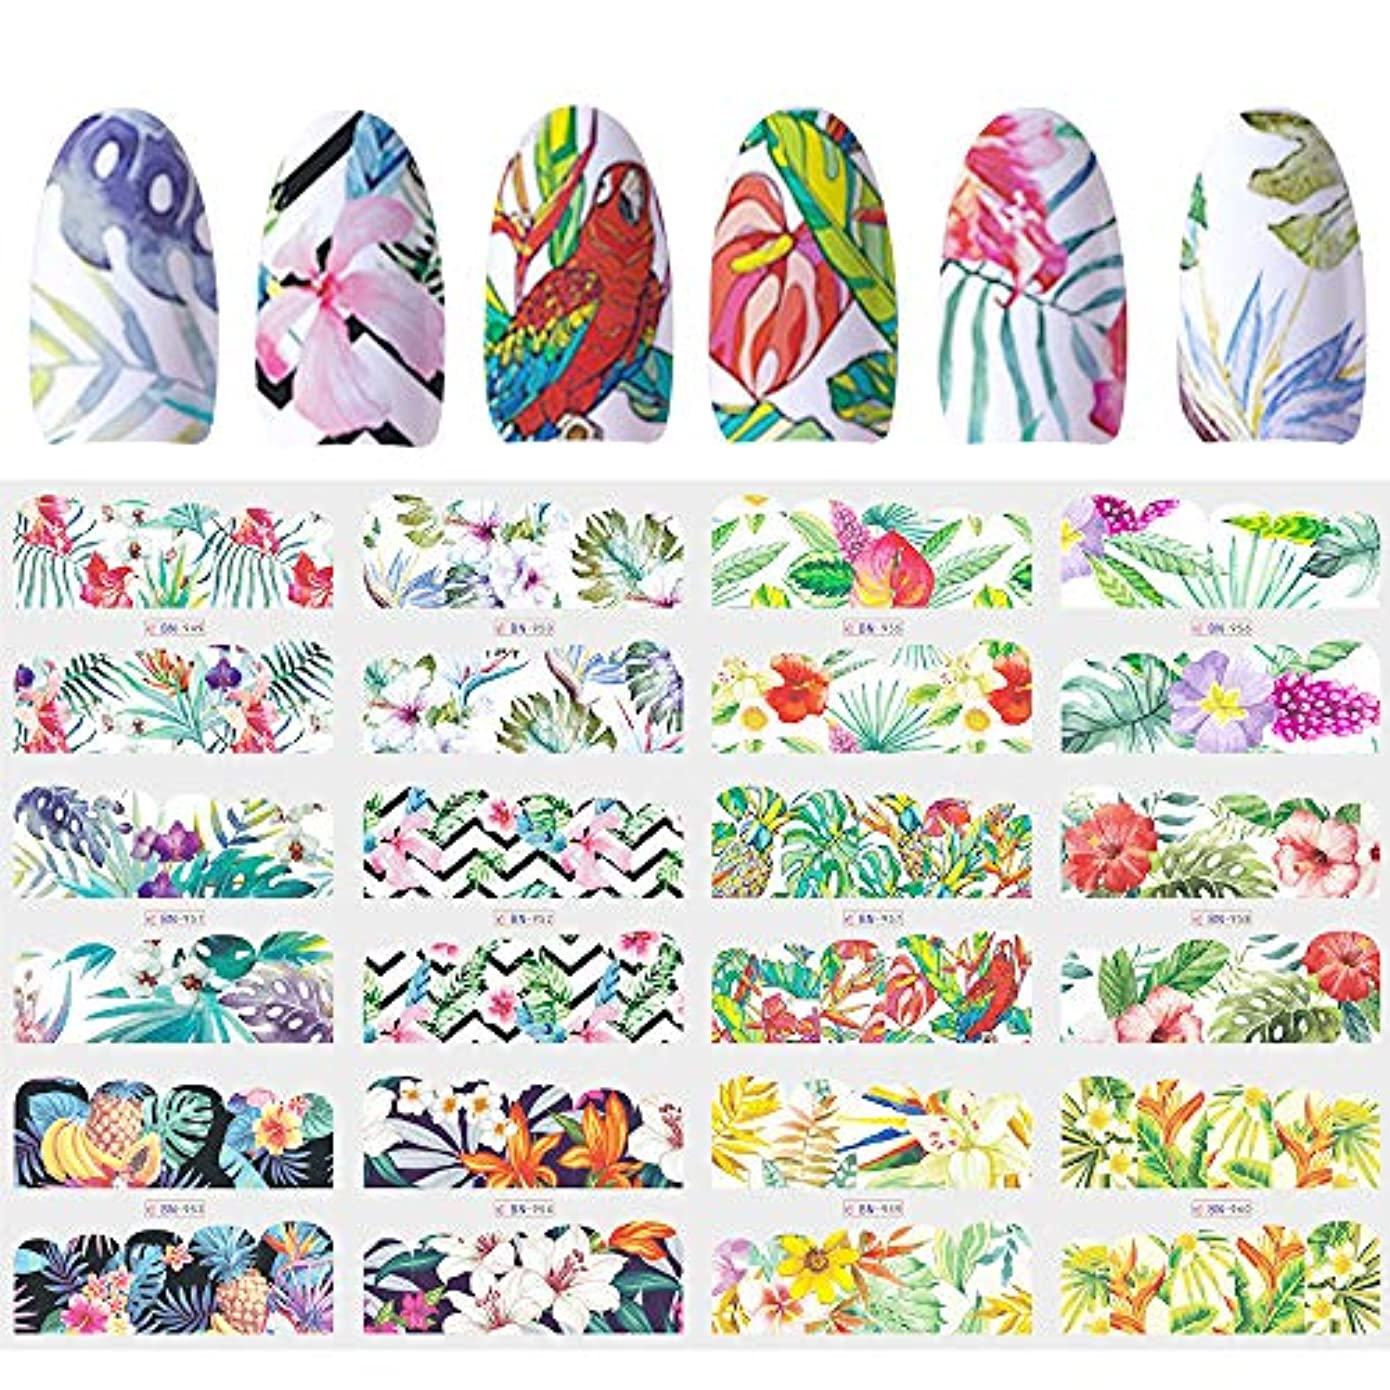 可動もう一度ロバSUKTI&XIAO ネイルステッカー 12デザインスライダーネイルステッカー水デカール転送タトゥートロピカルジャングル動物の花の接着剤マニキュアの装飾のヒント